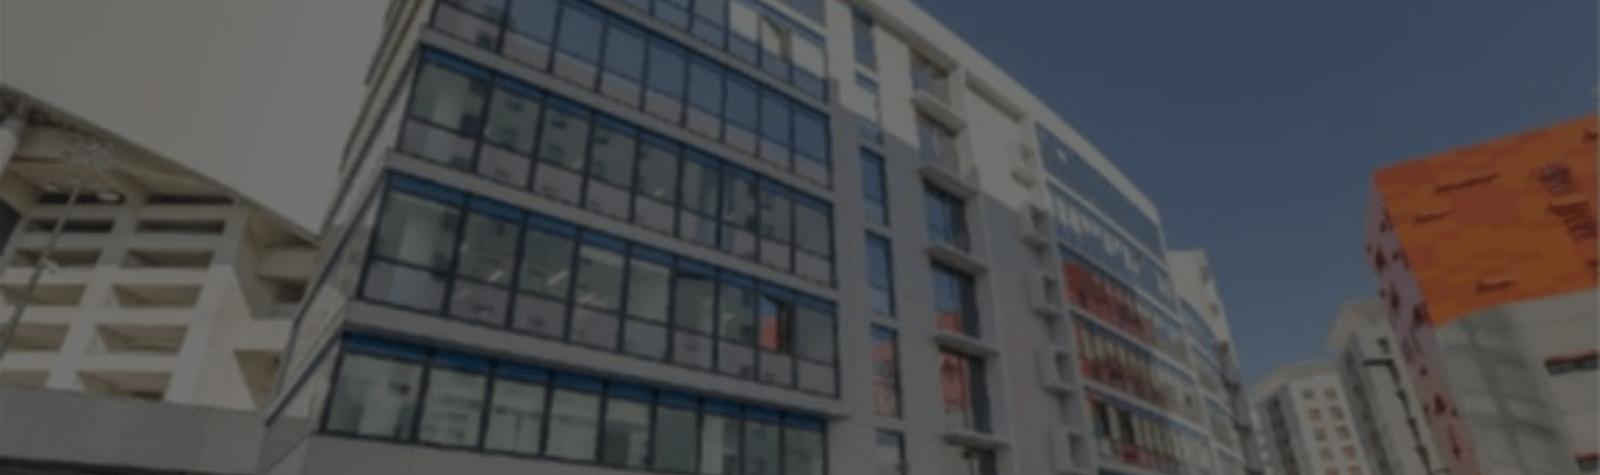 Real I.S. acquiert auprès de MACSF l'immeuble de bureaux Le Virage à Marseille